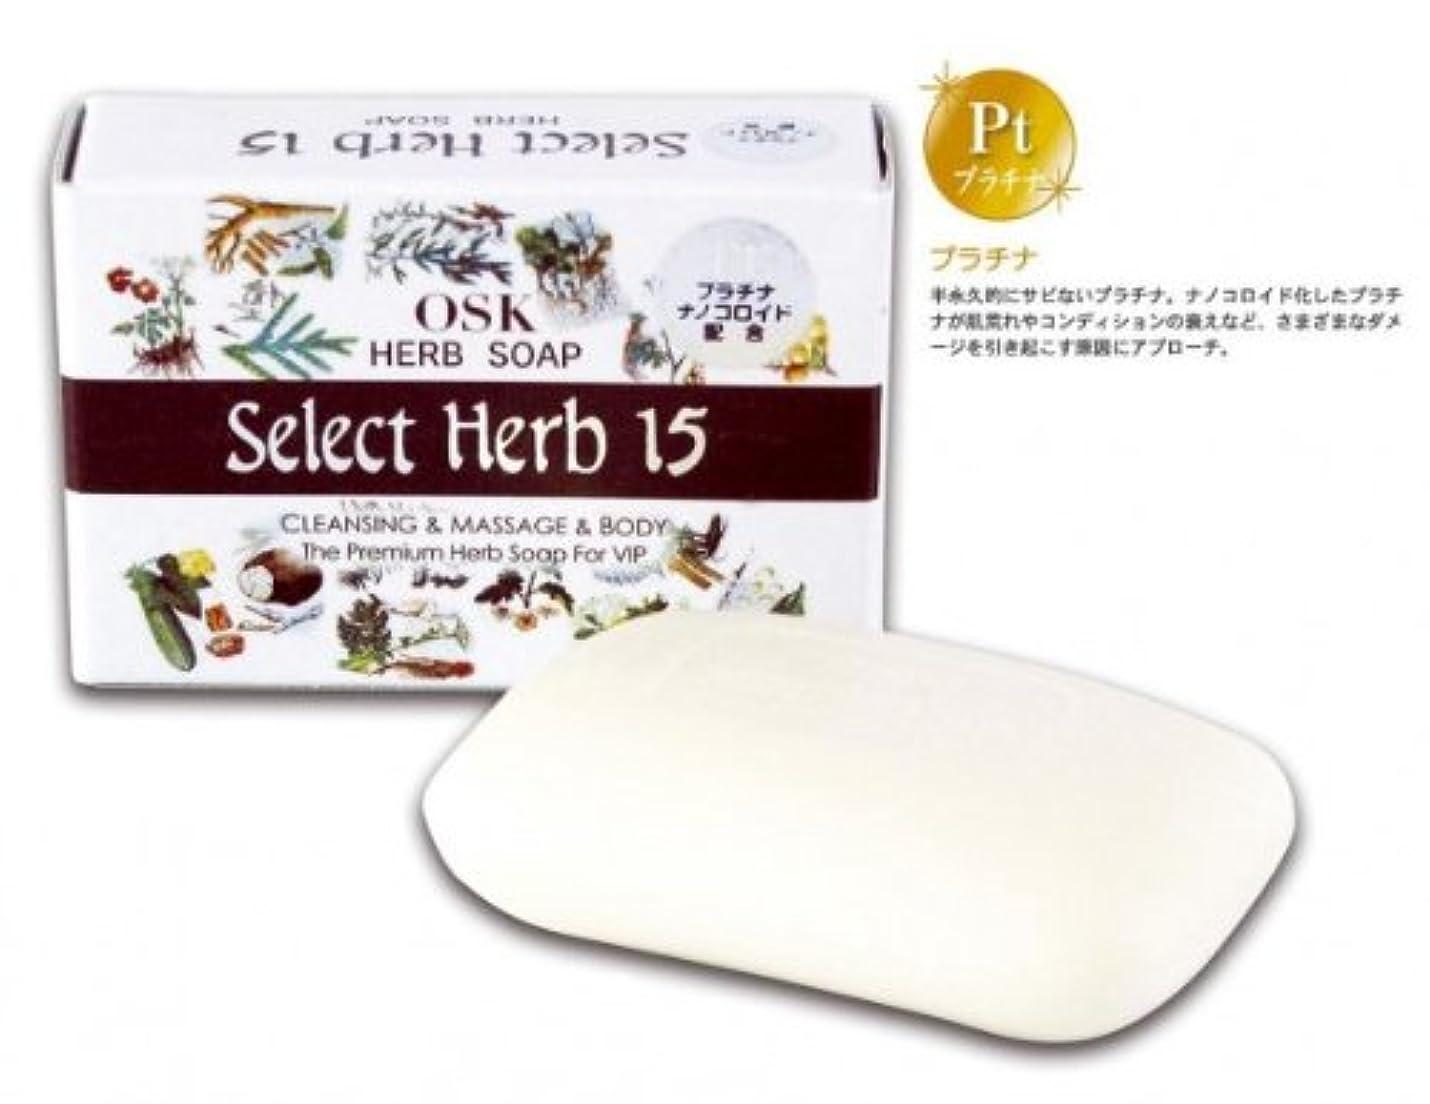 つかまえる官僚草NEW OSK SOAP SelectHerb15(ニューオーエスケーソープセレクトハーブ15)135g